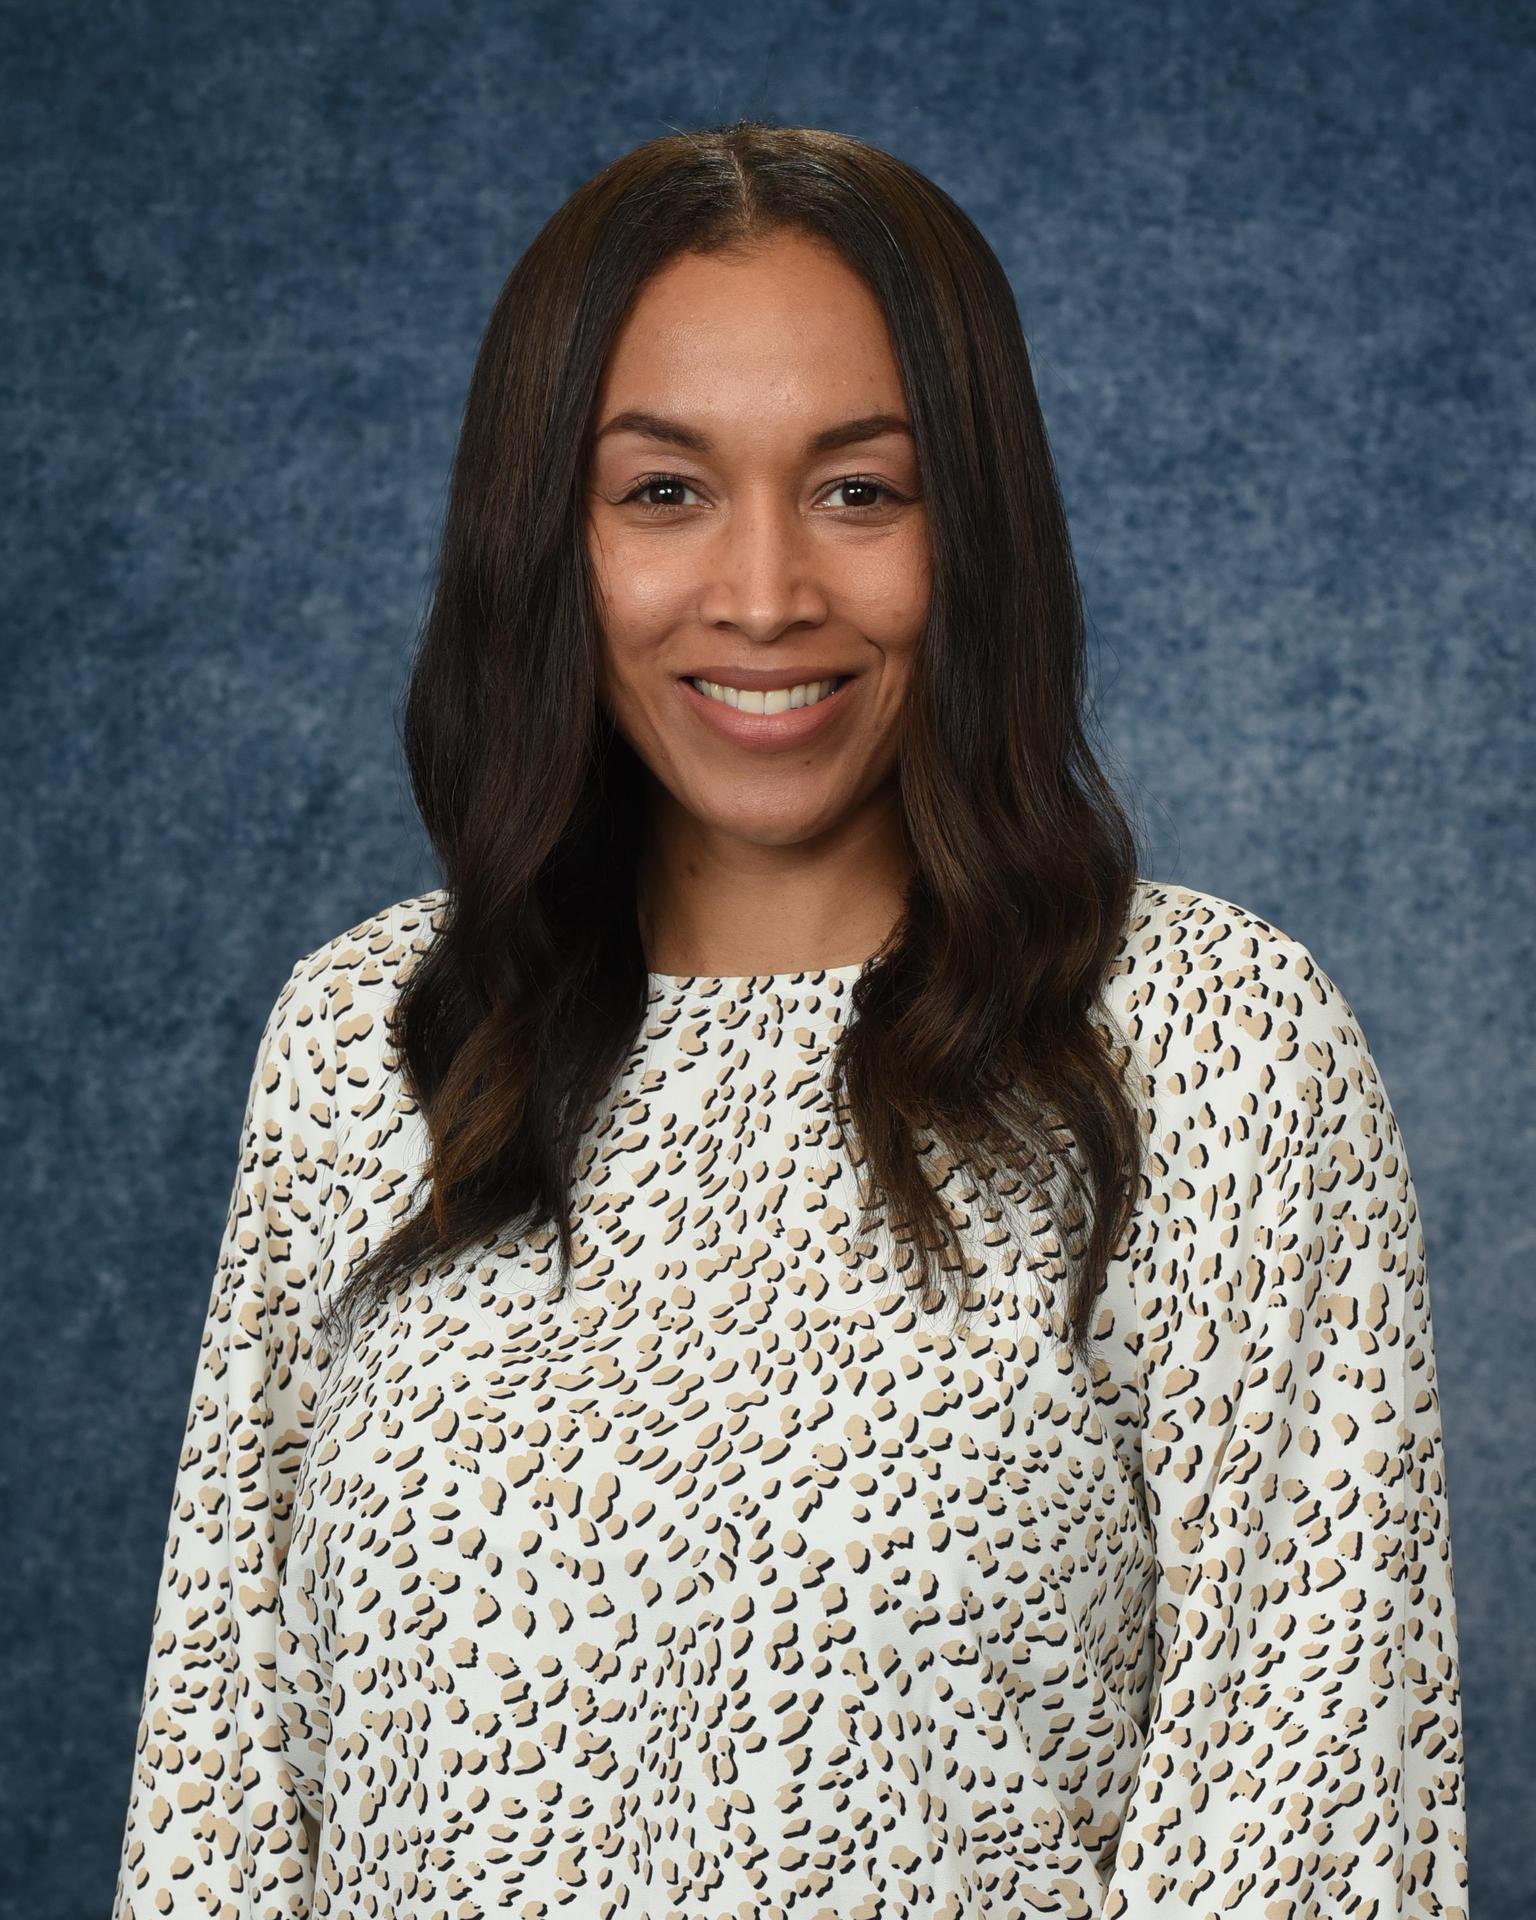 Ms. Keona Sanders